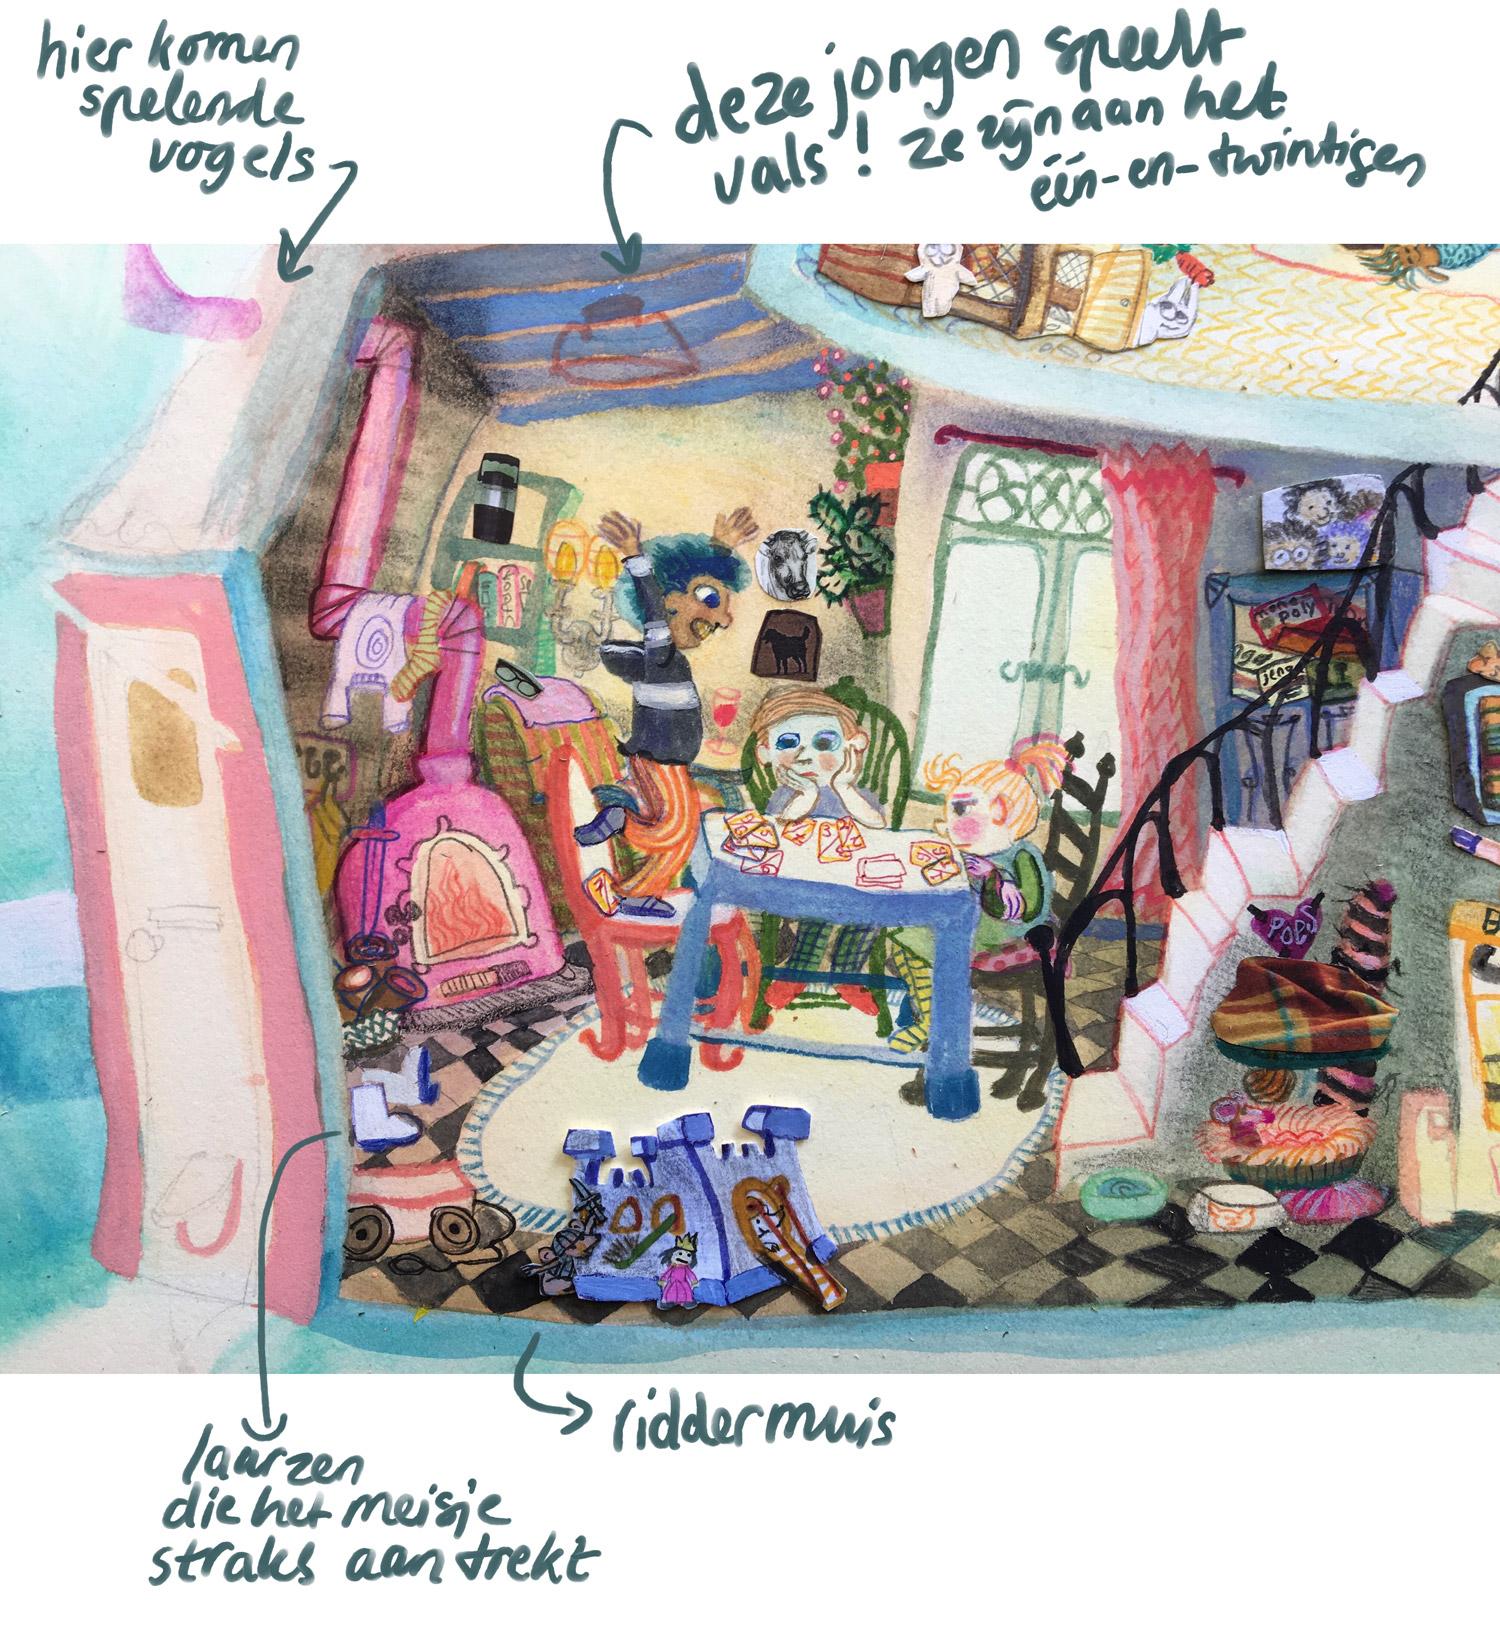 detail van een tekening in zoekboek, een jongen die vals speelt